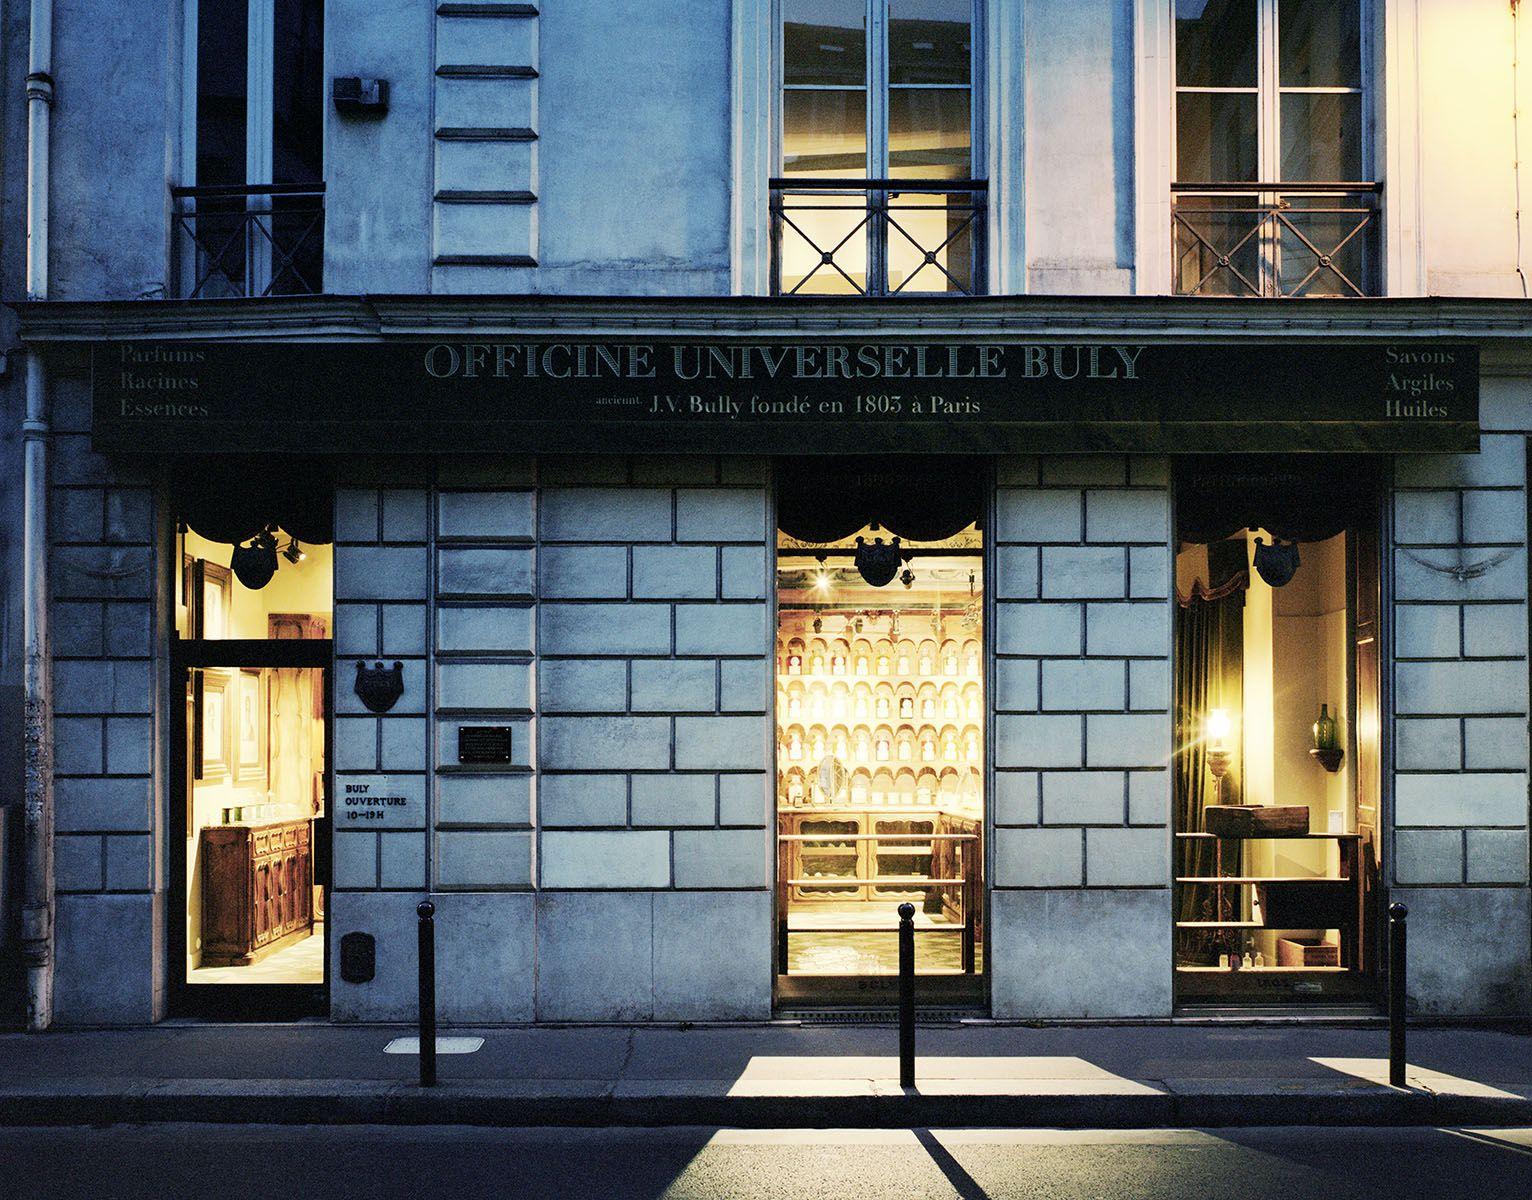 21 Rue Bonaparte 75006 Paris #14: Buly 1803, 6 Rue Bonaparte, 75006 Paris - Old Paris Perfumes U0026 Luxury